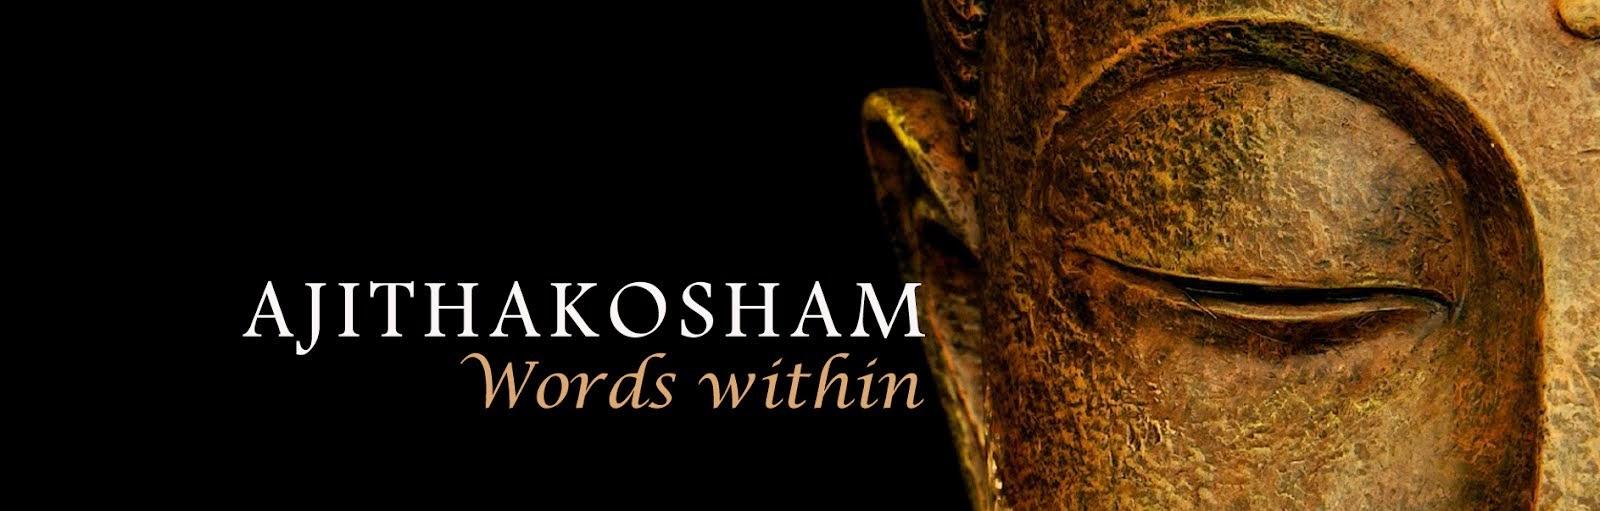 ajithakosham